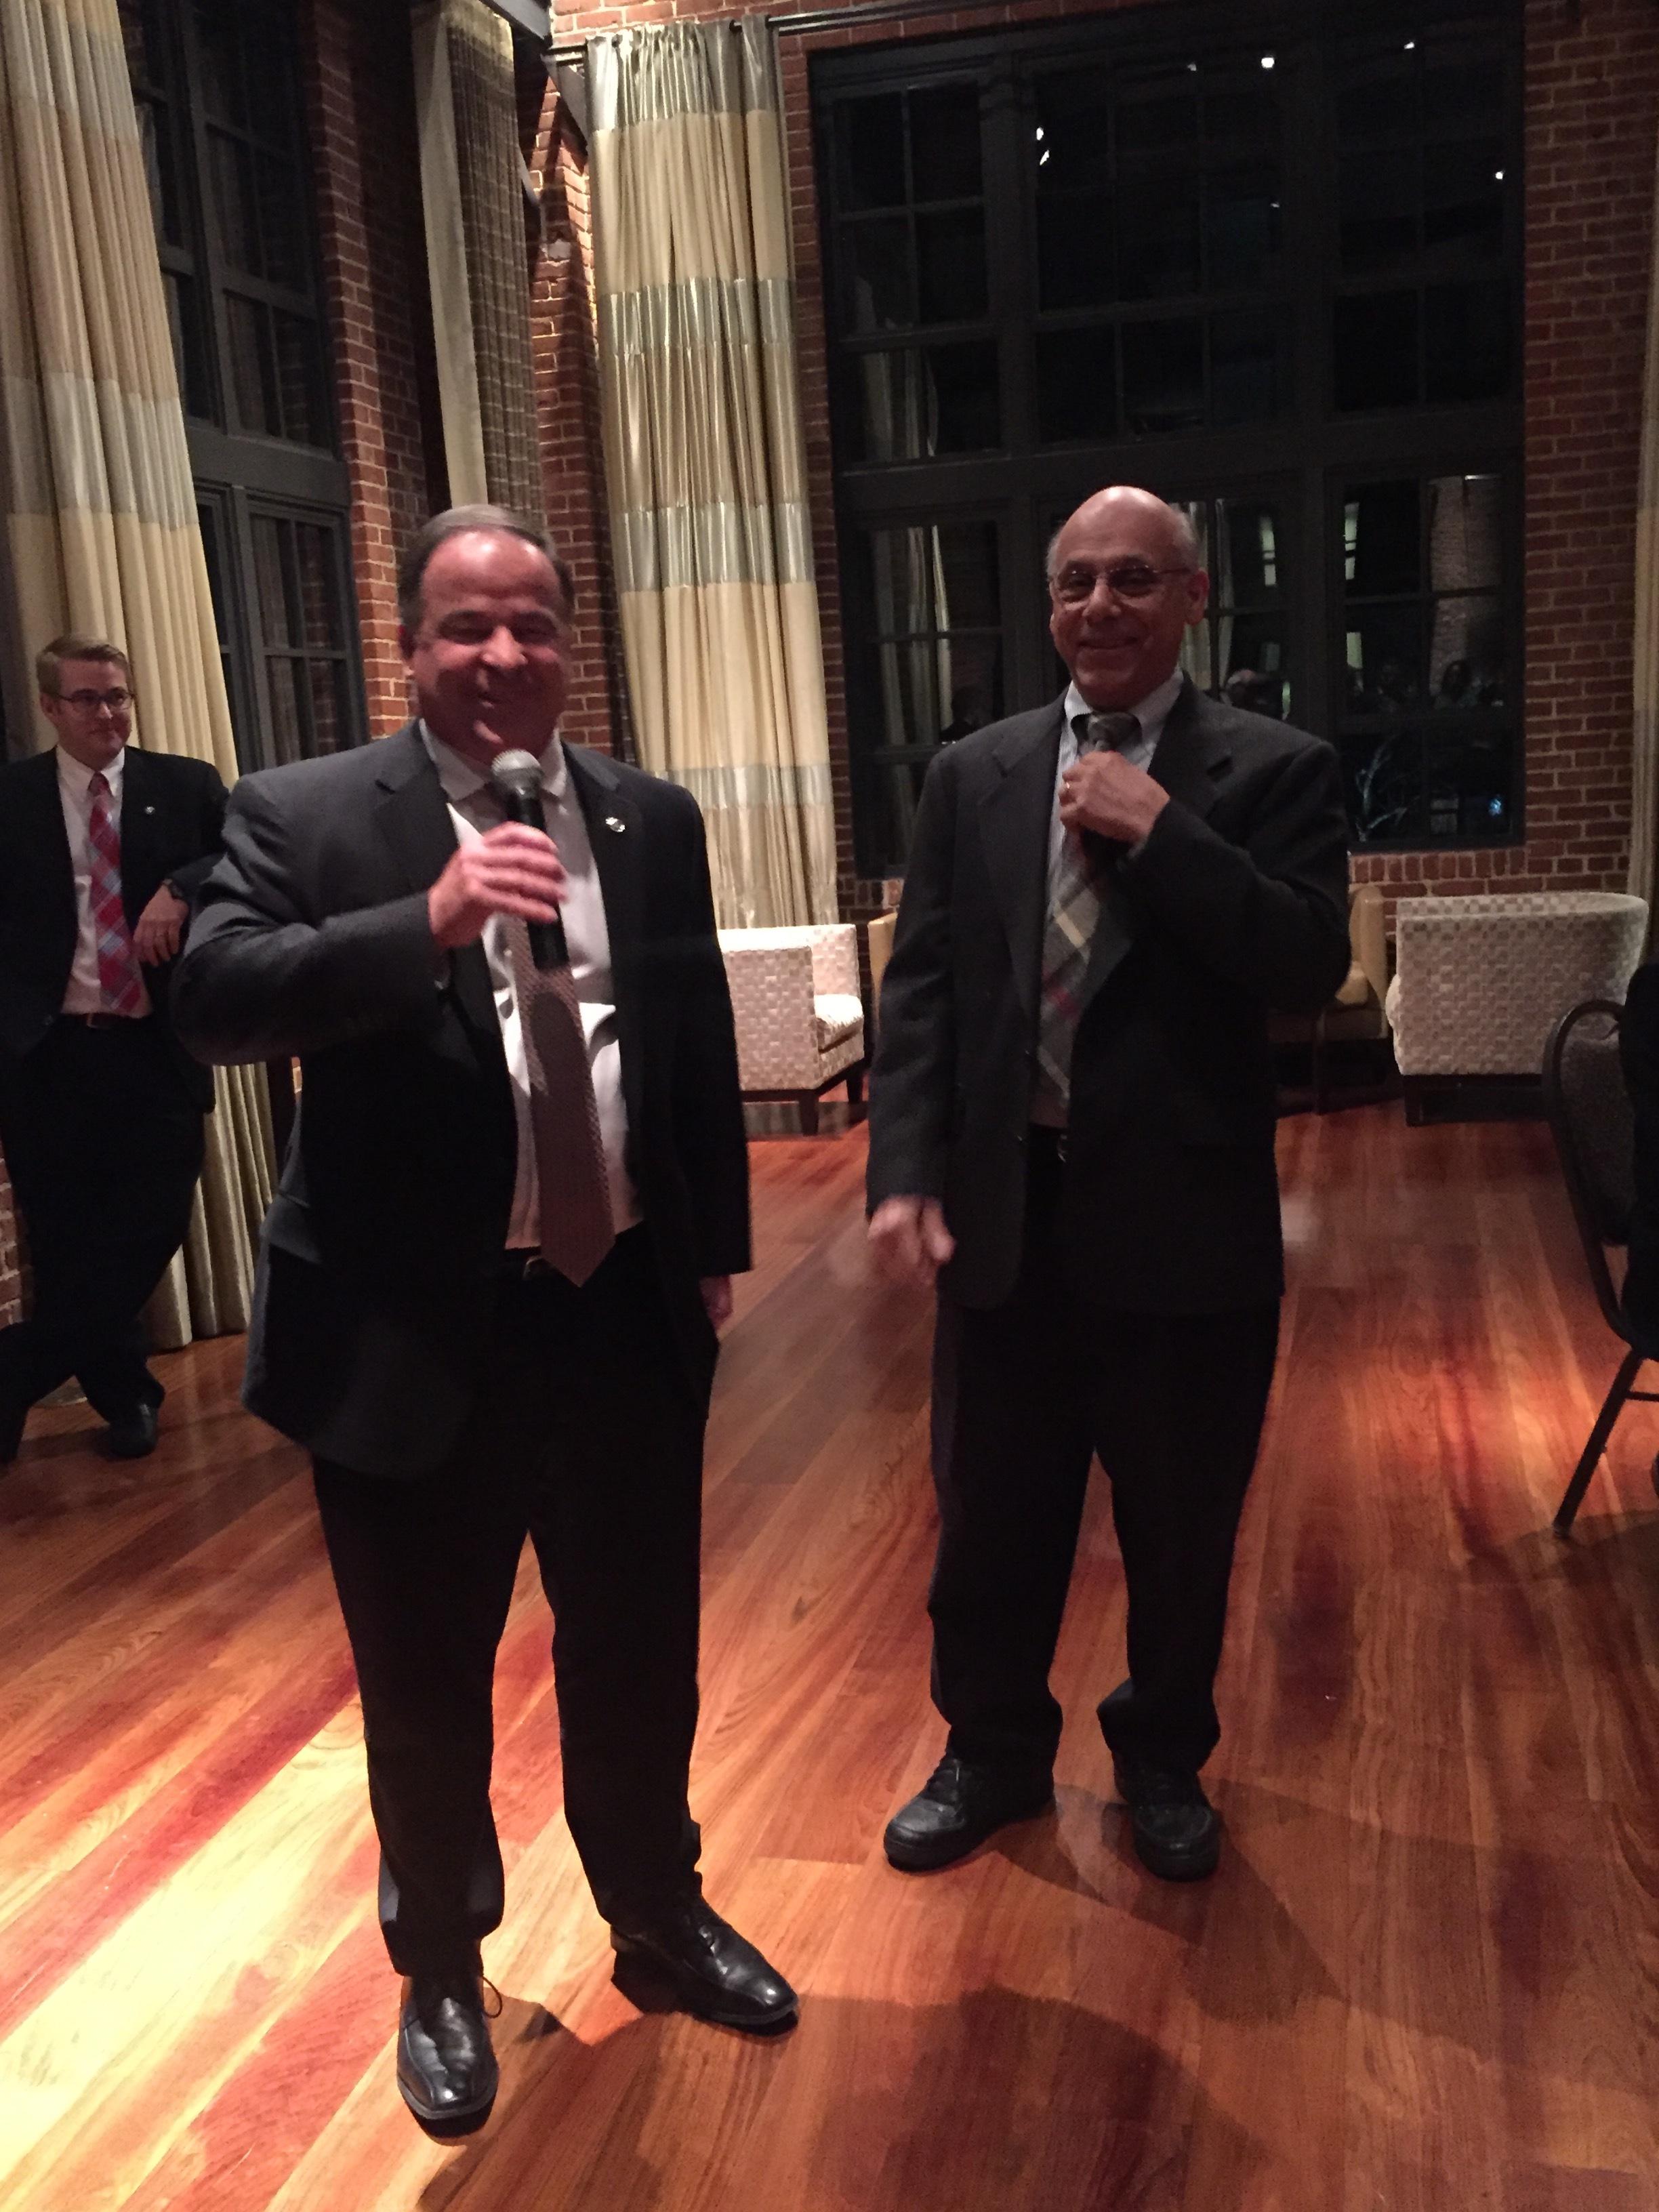 Tony Disalle Buick VP Marketing and Les Jackson, WAPA President